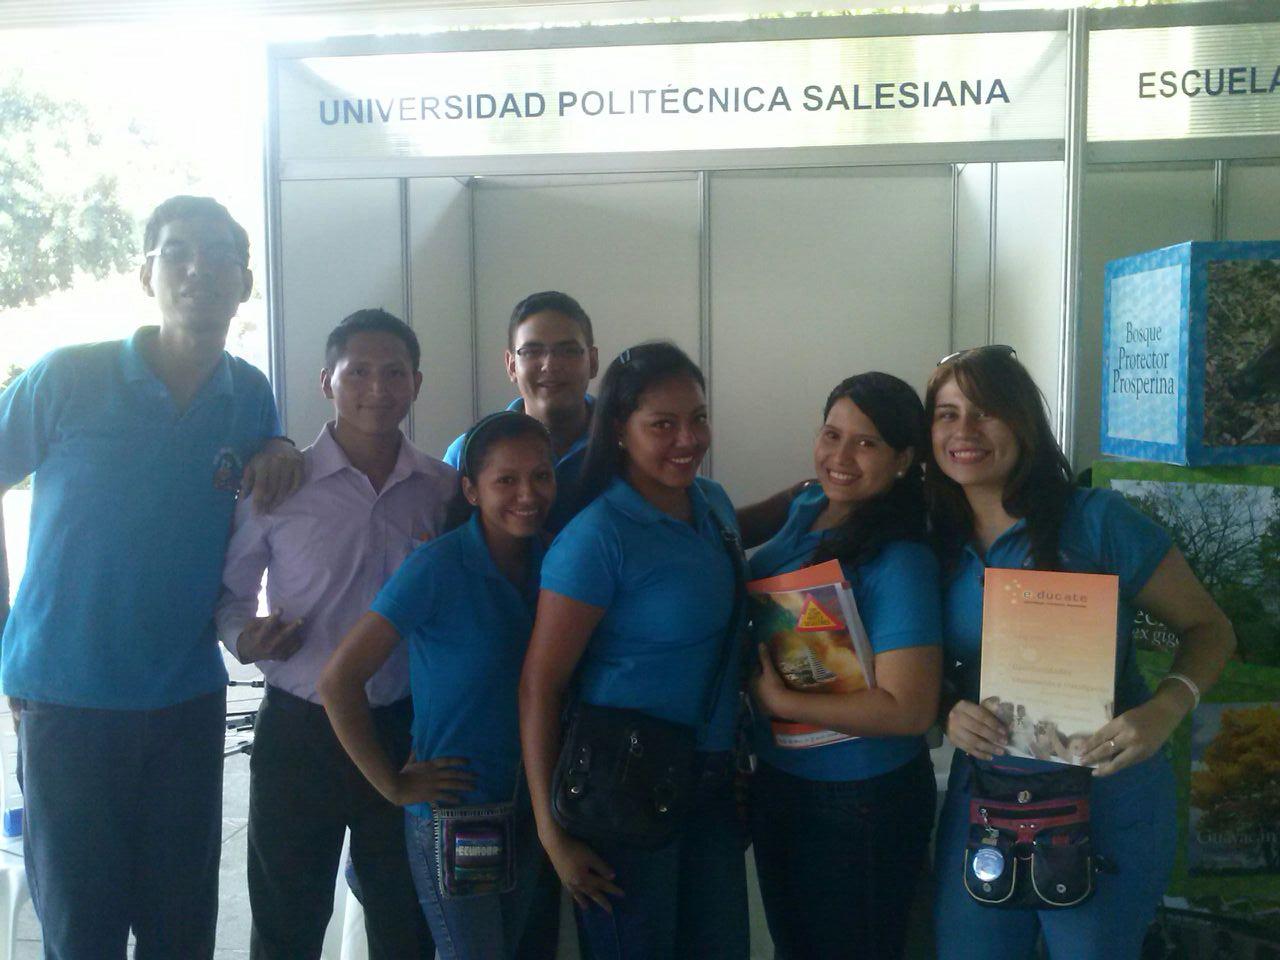 IMG-20141017-WA0002